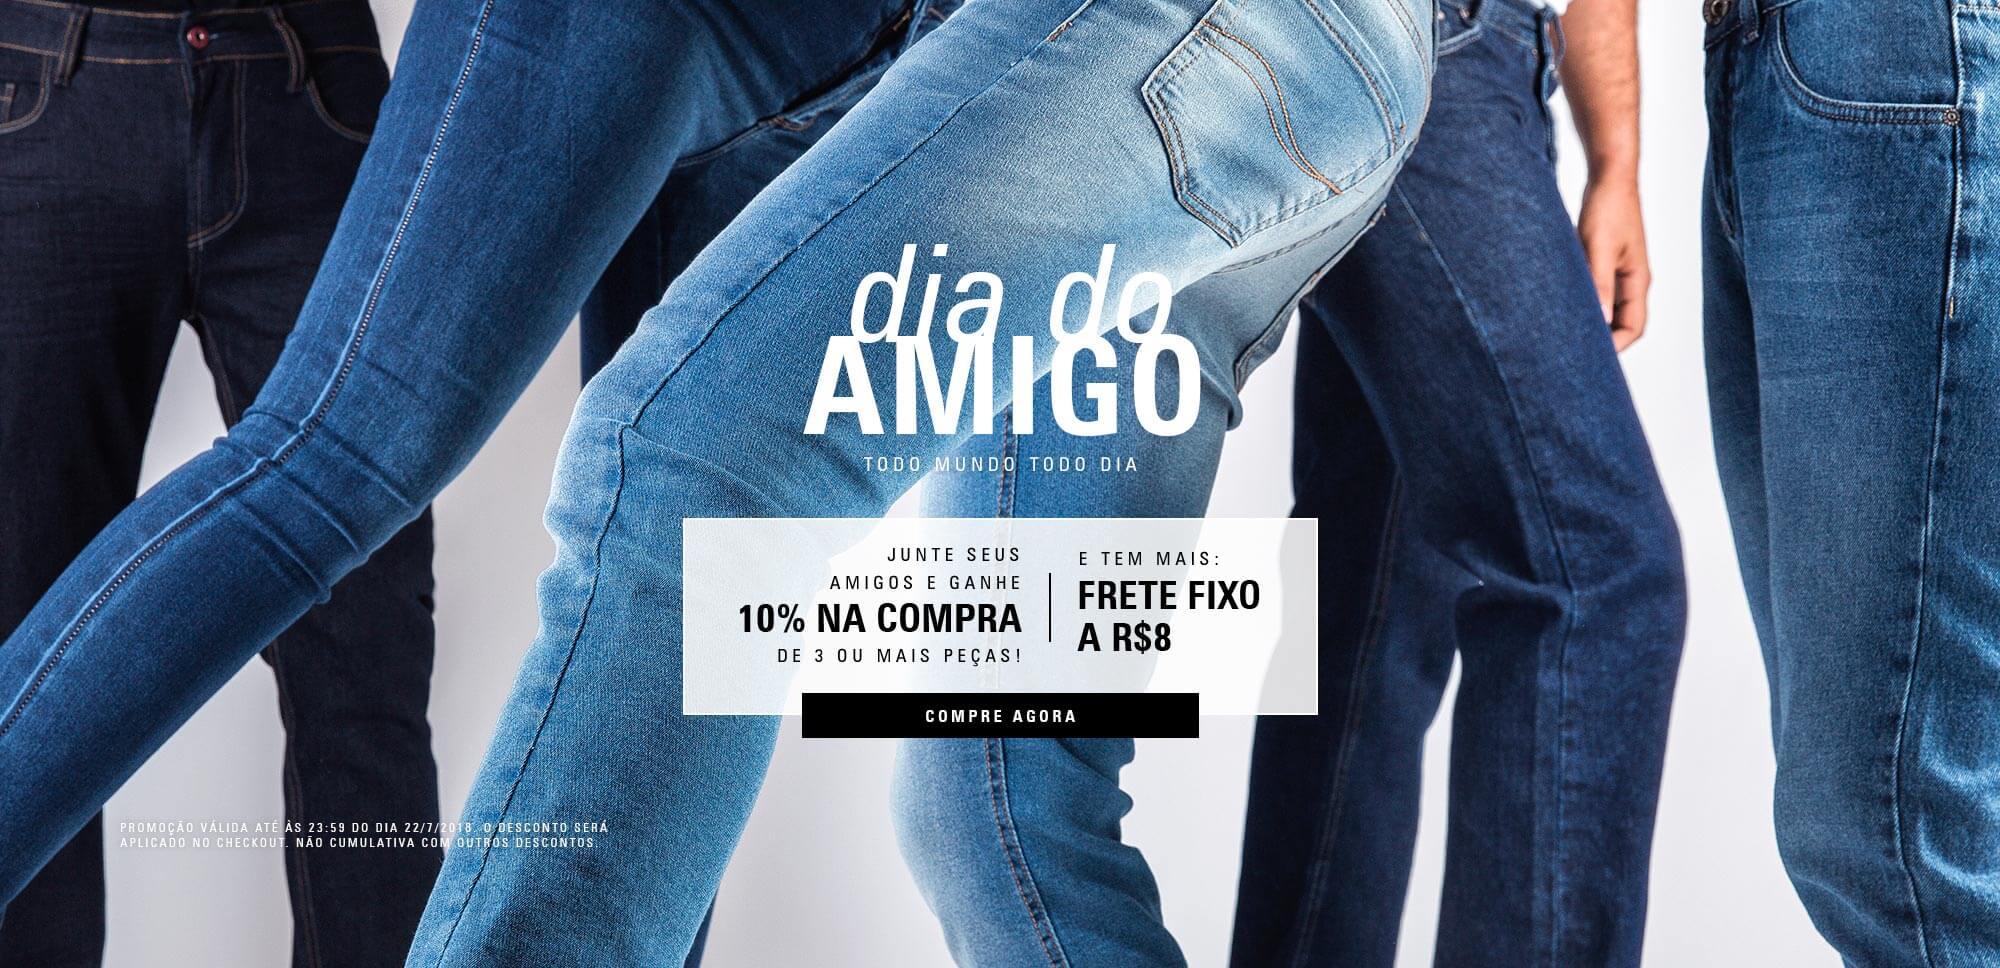 DIA DO AMIGO